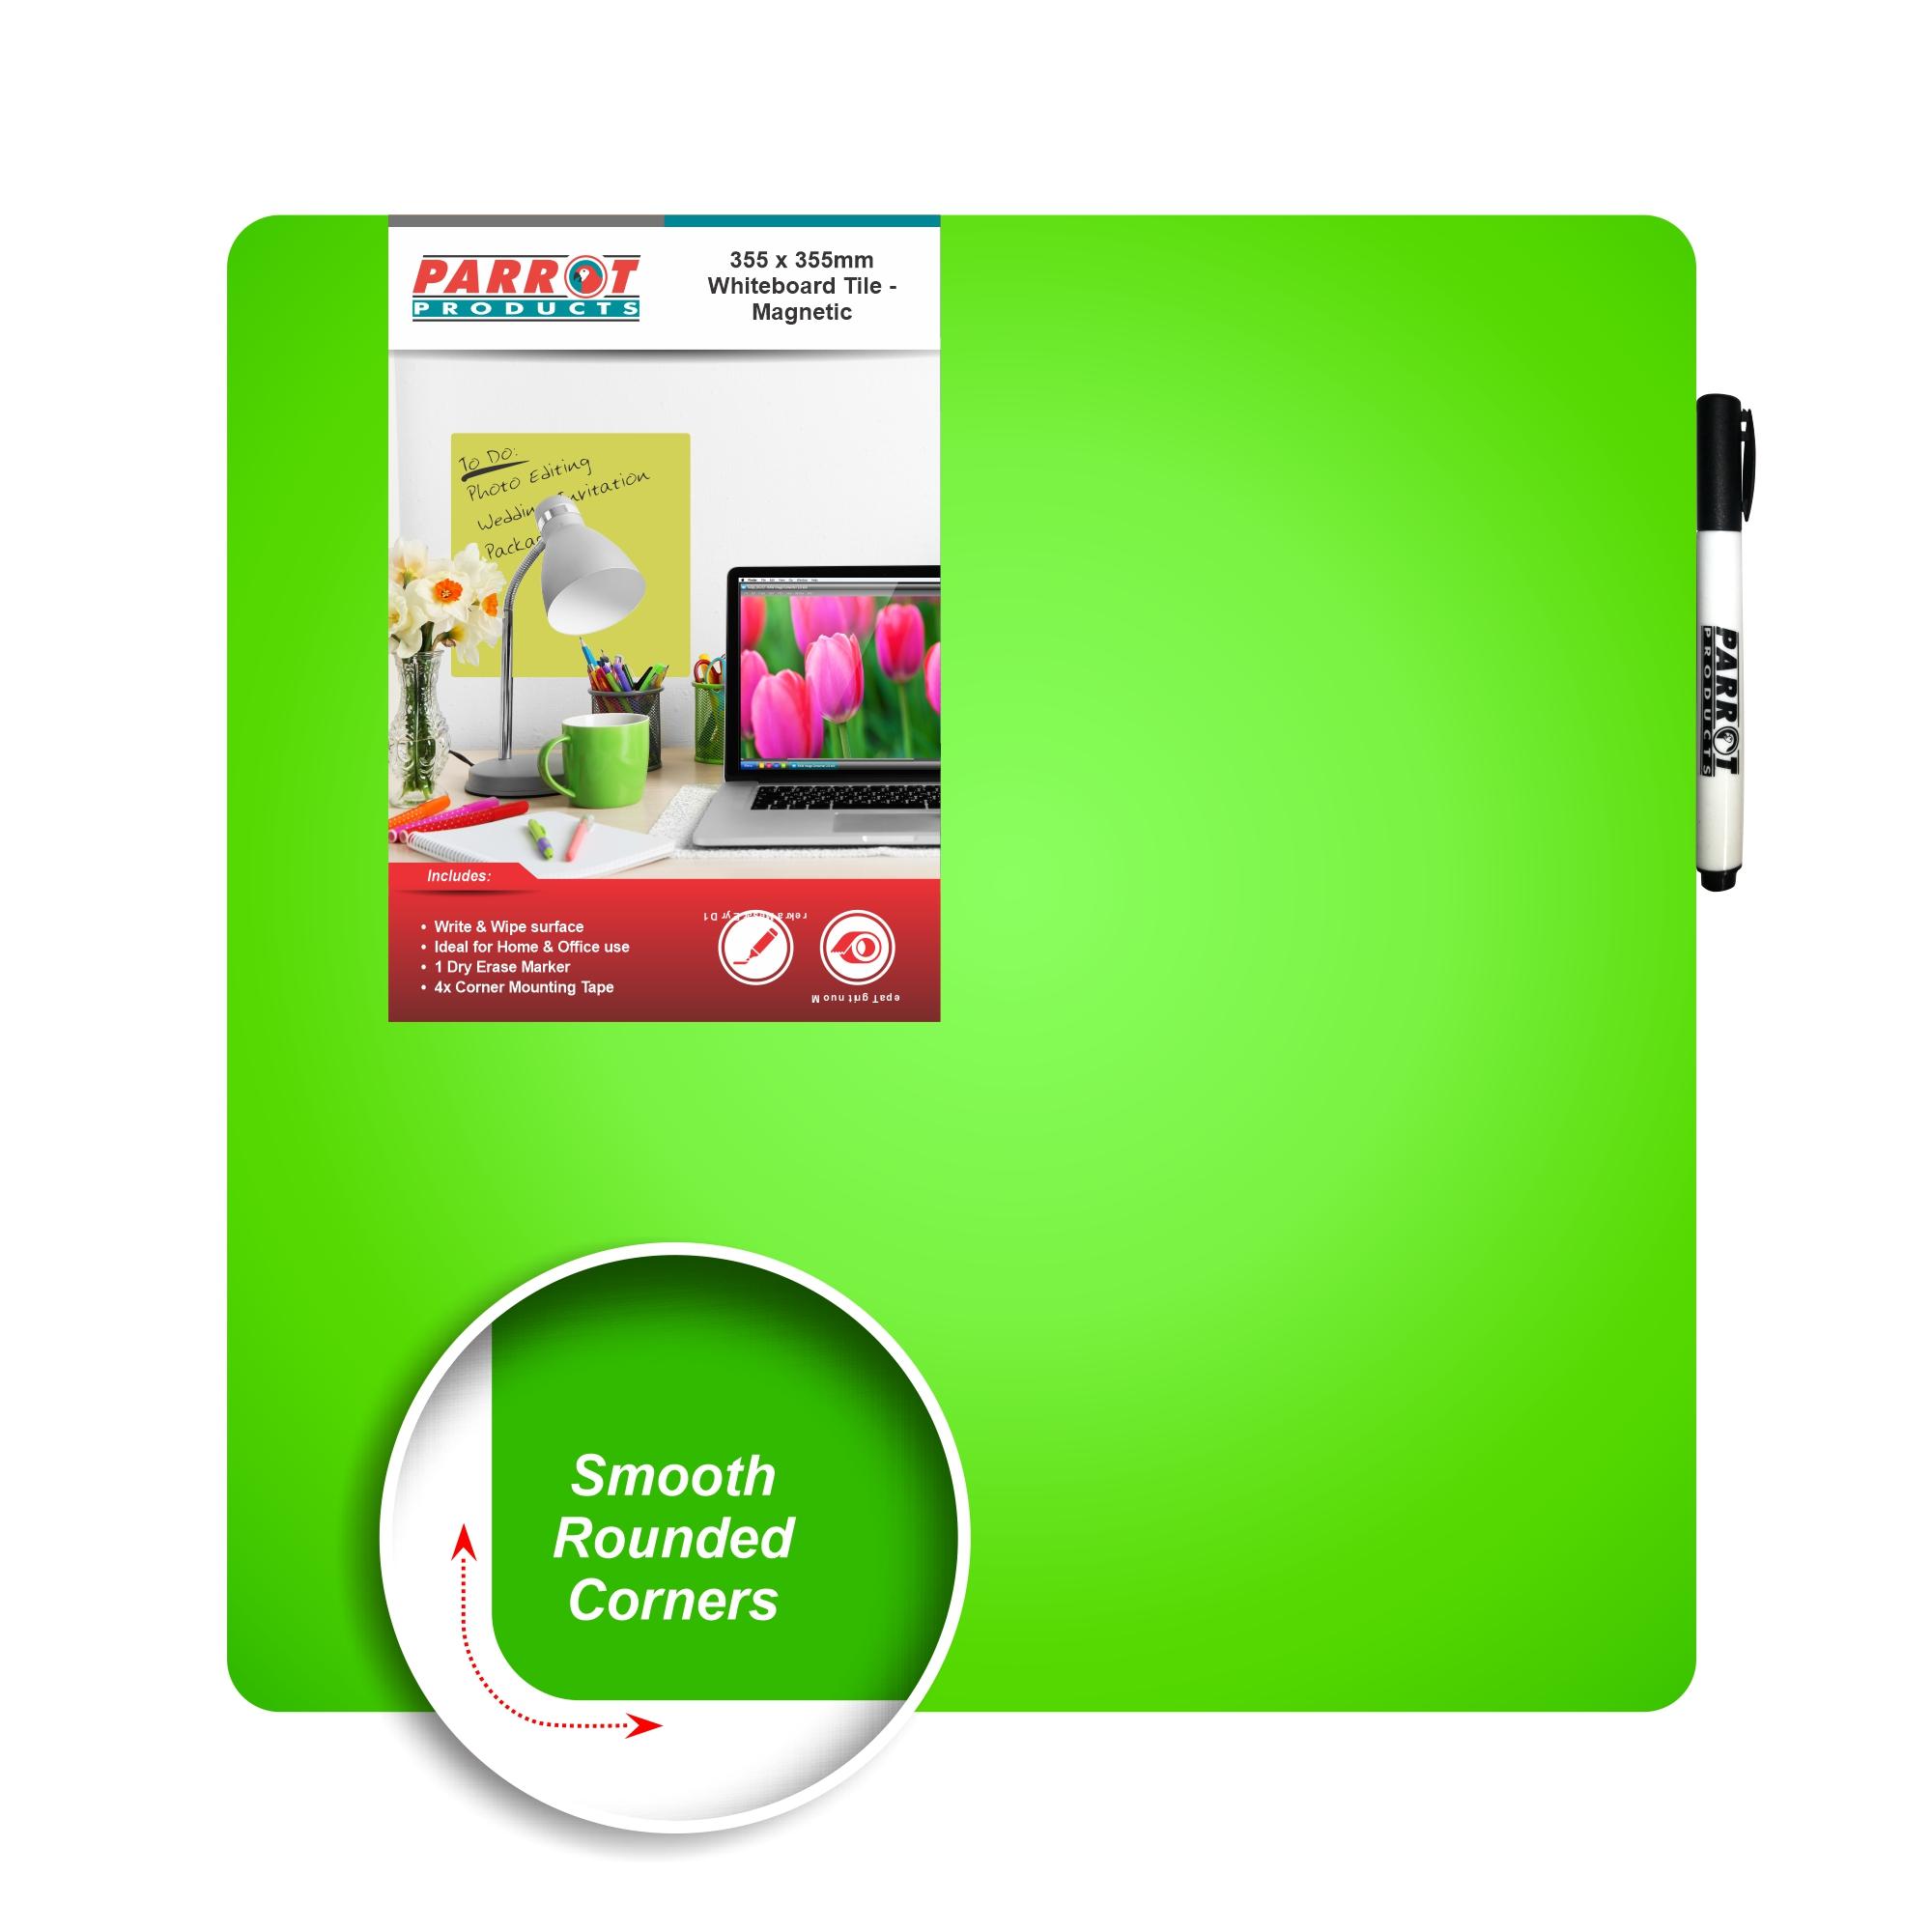 Magnetic Whiteboard Tile (355*355mm, Green)